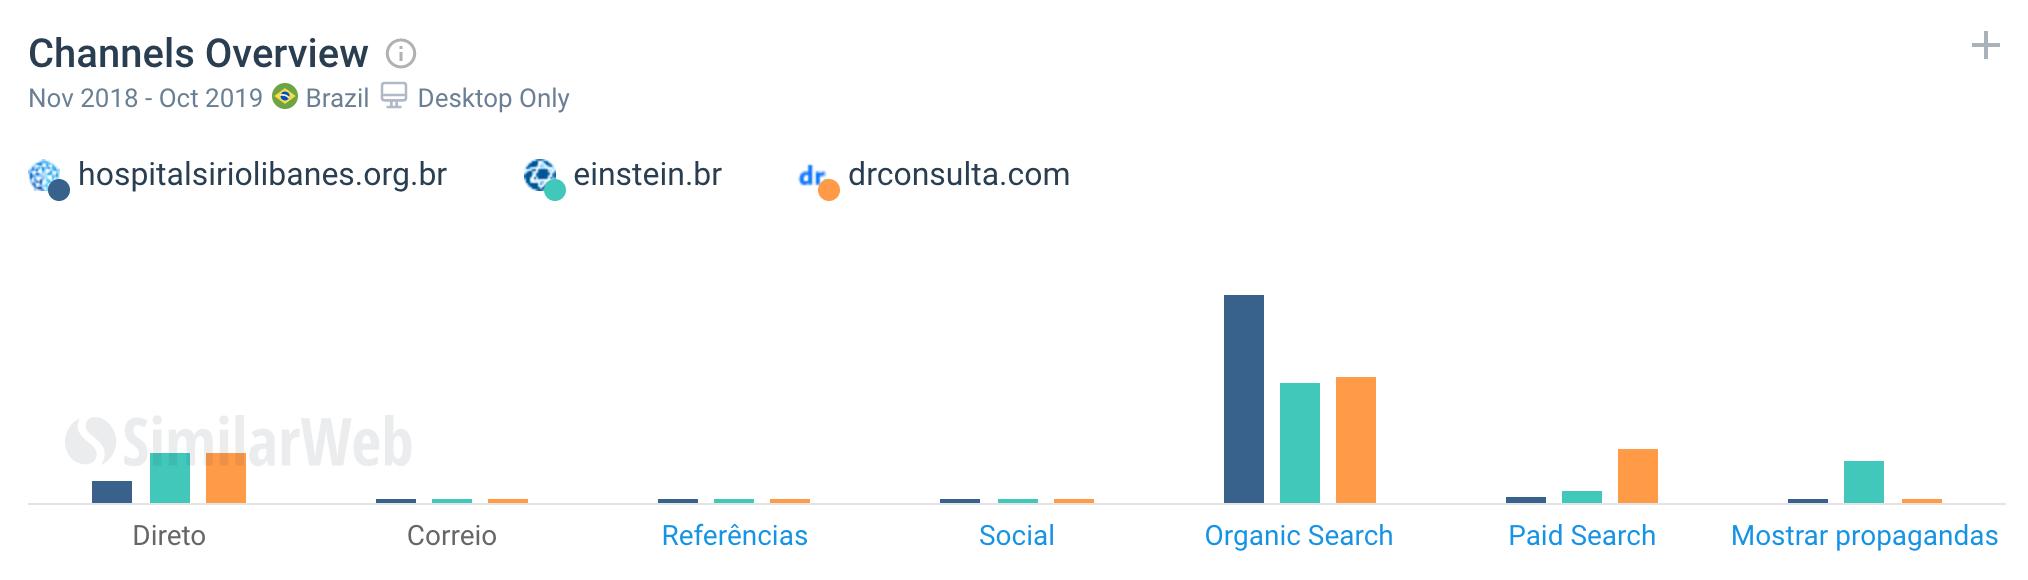 Mix de Marketing dos Sites